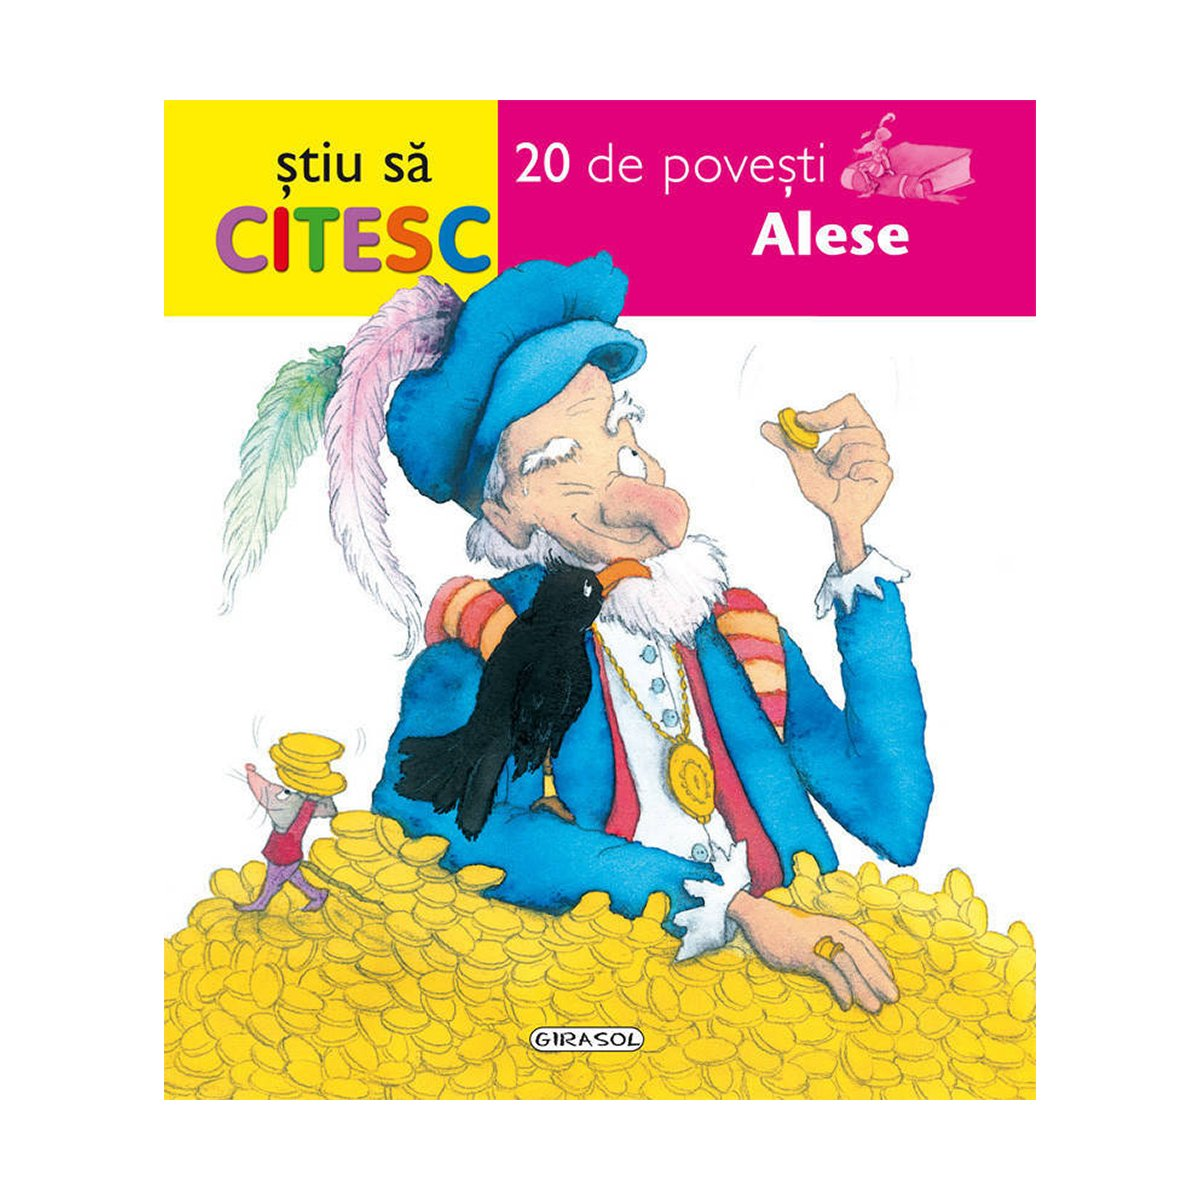 Carte Editura Girasol - Stiu sa citesc, 20 de povesti alese